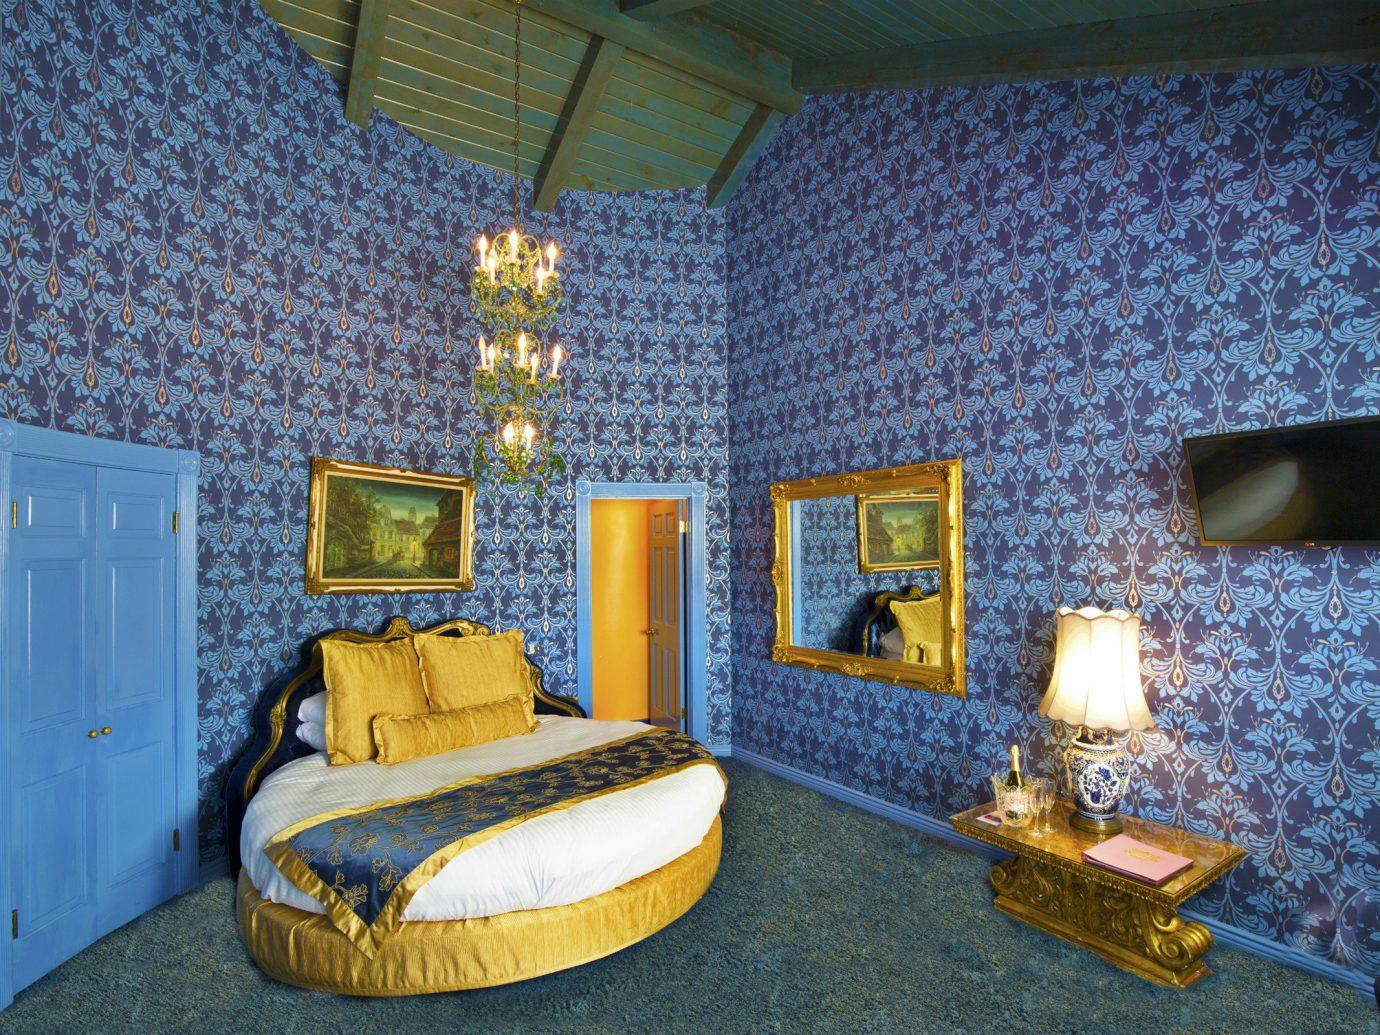 Style + Design indoor room property house estate Bedroom living room cottage home interior design mansion Suite Villa colored